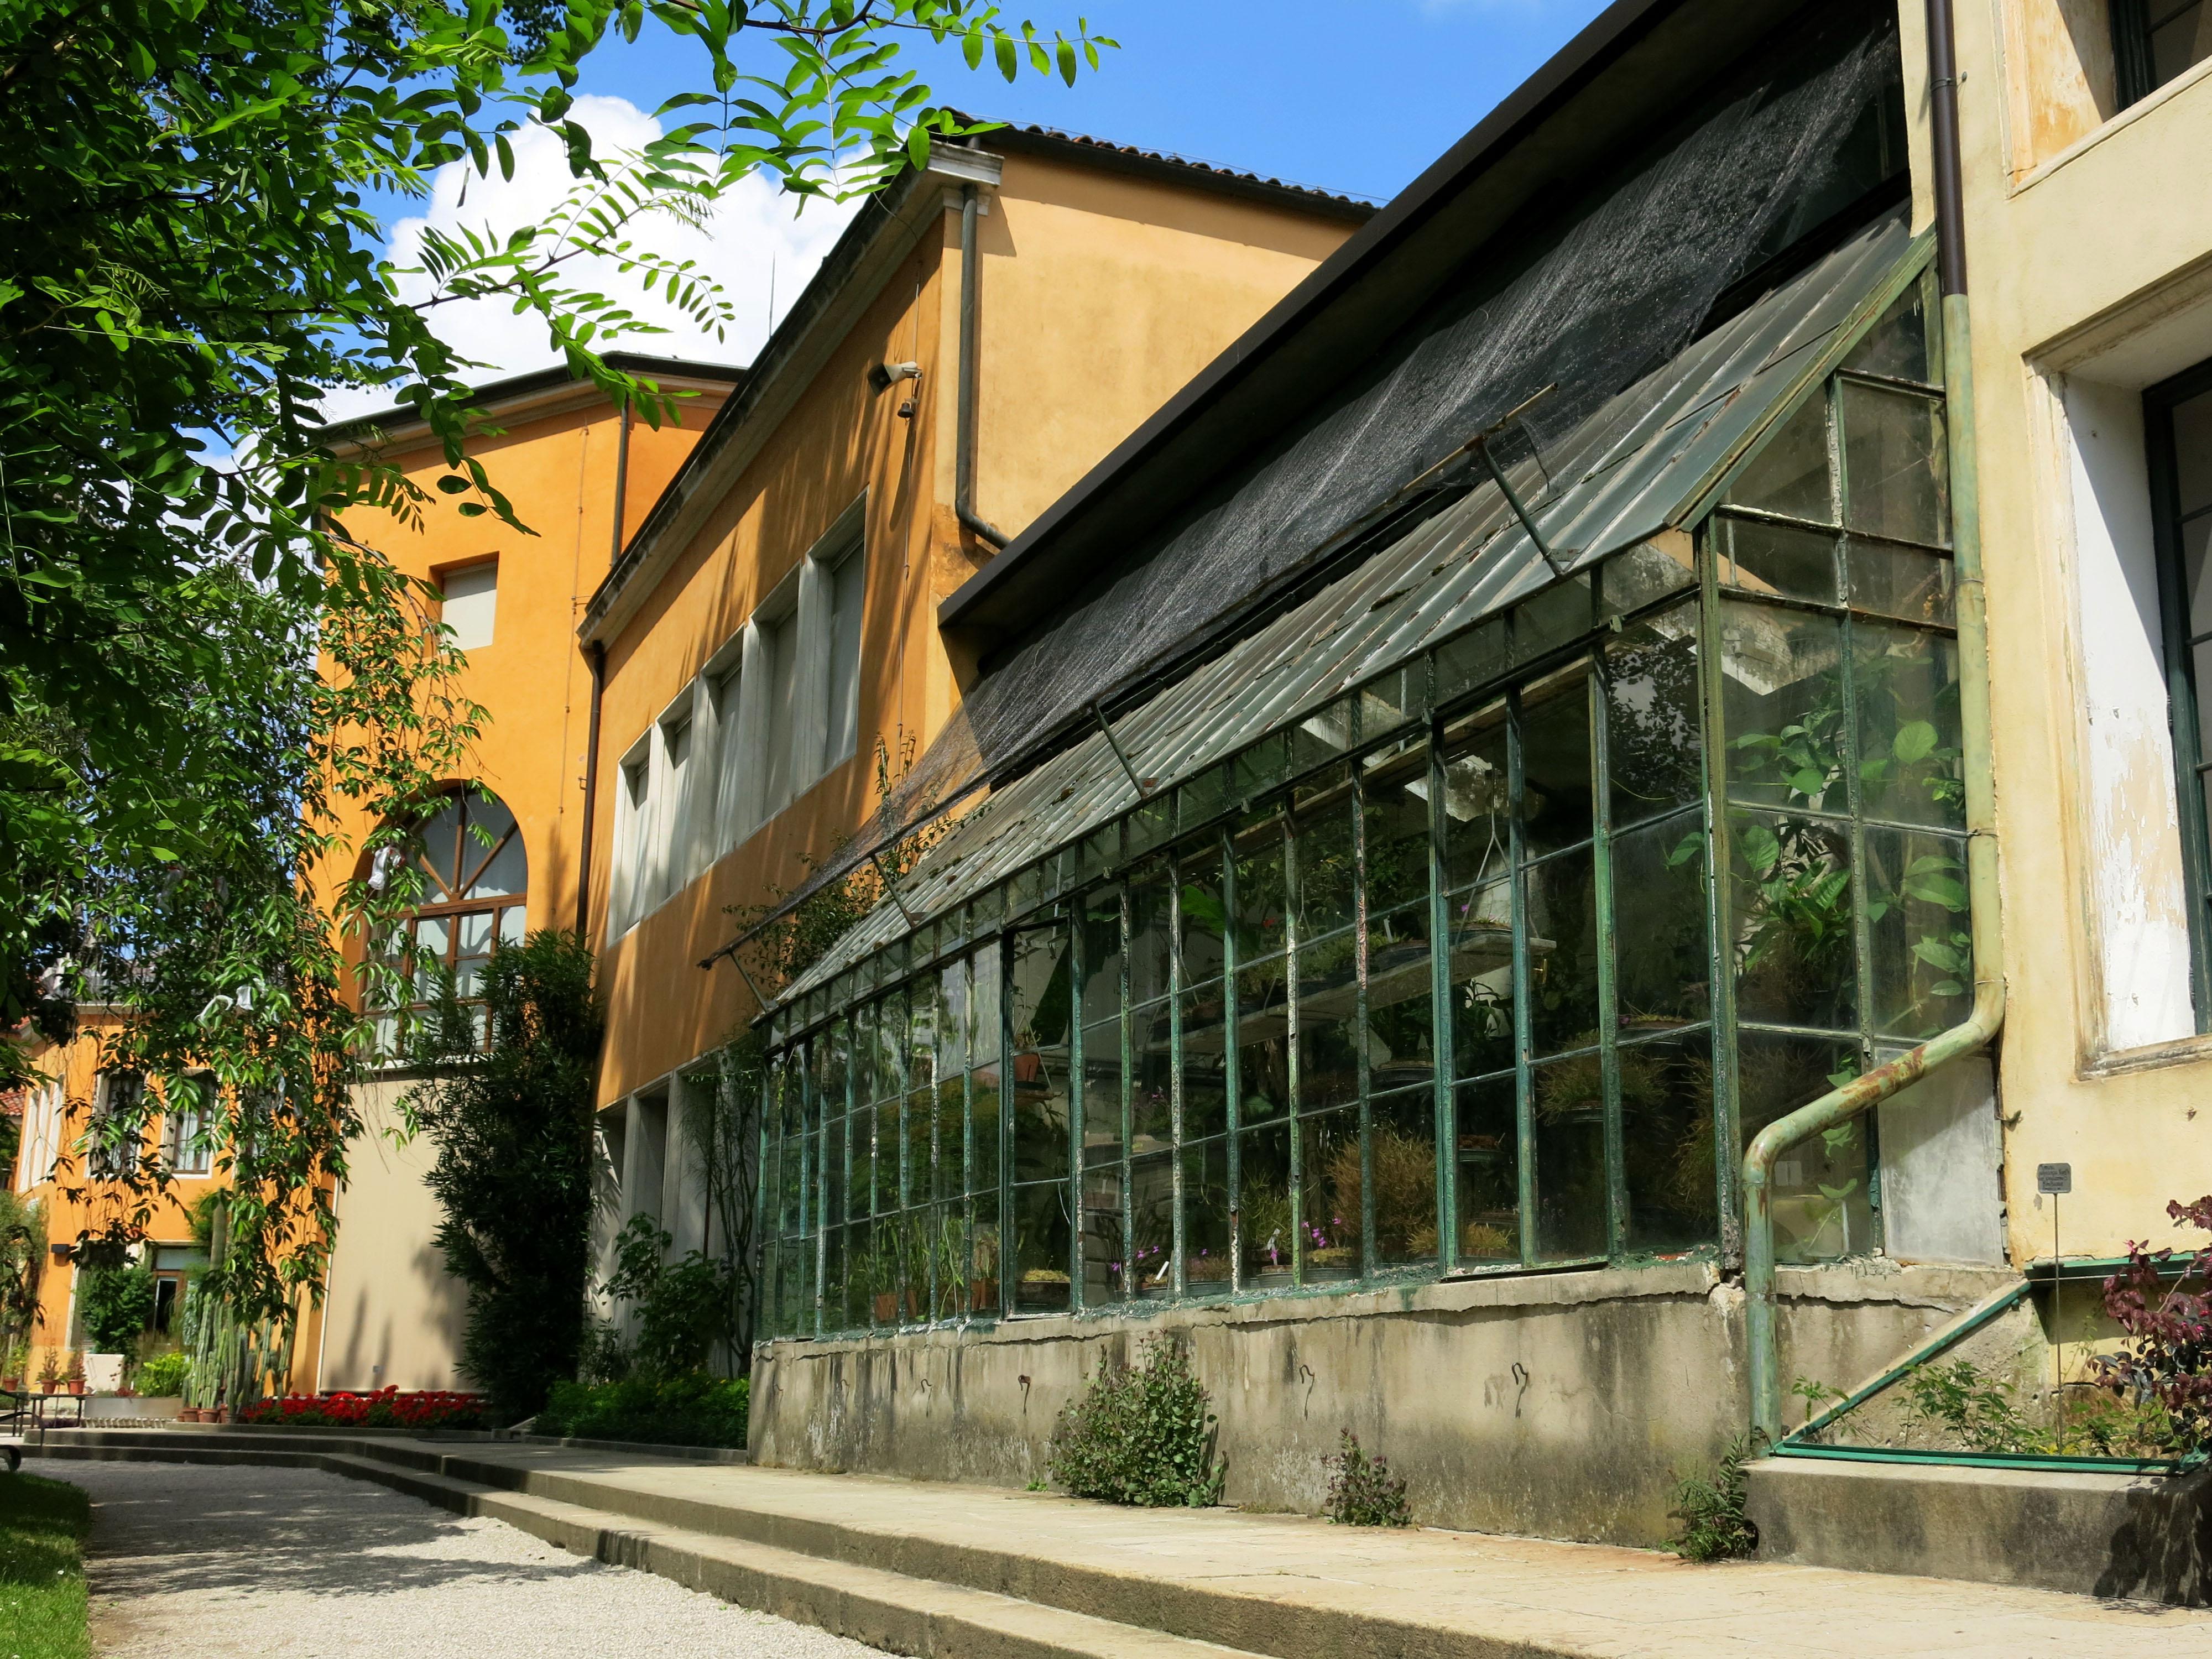 Datei:Botanischer Garten Padua Gewächshaus.jpg